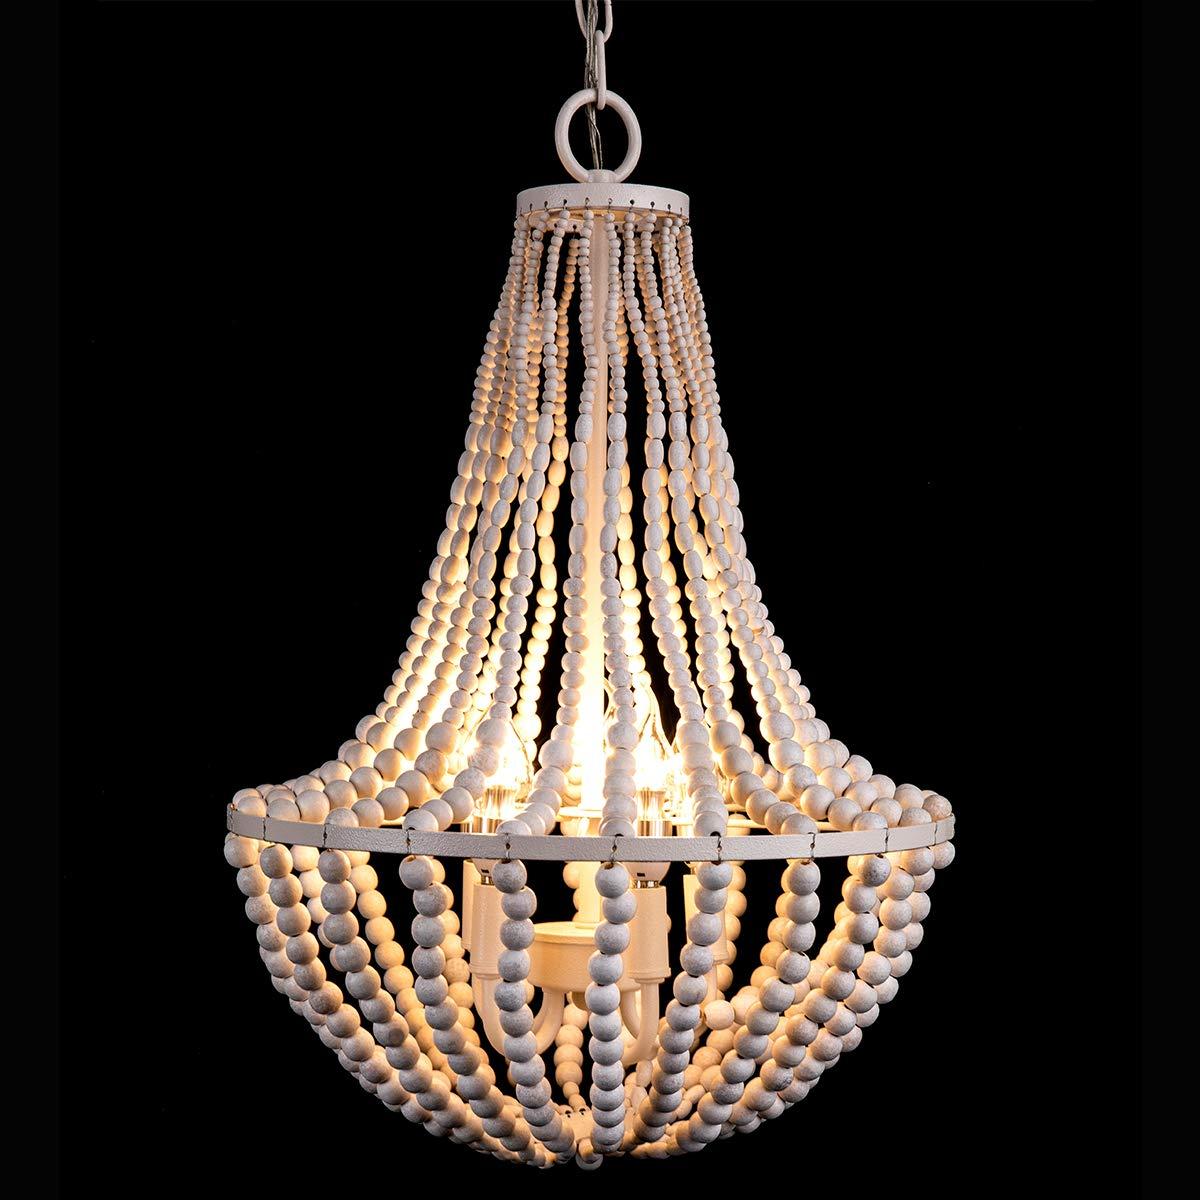 Morden Fort White Beaded Chandelier 5 Lights for Living Room//Bed Room//Dining Room Beaded Chandelier